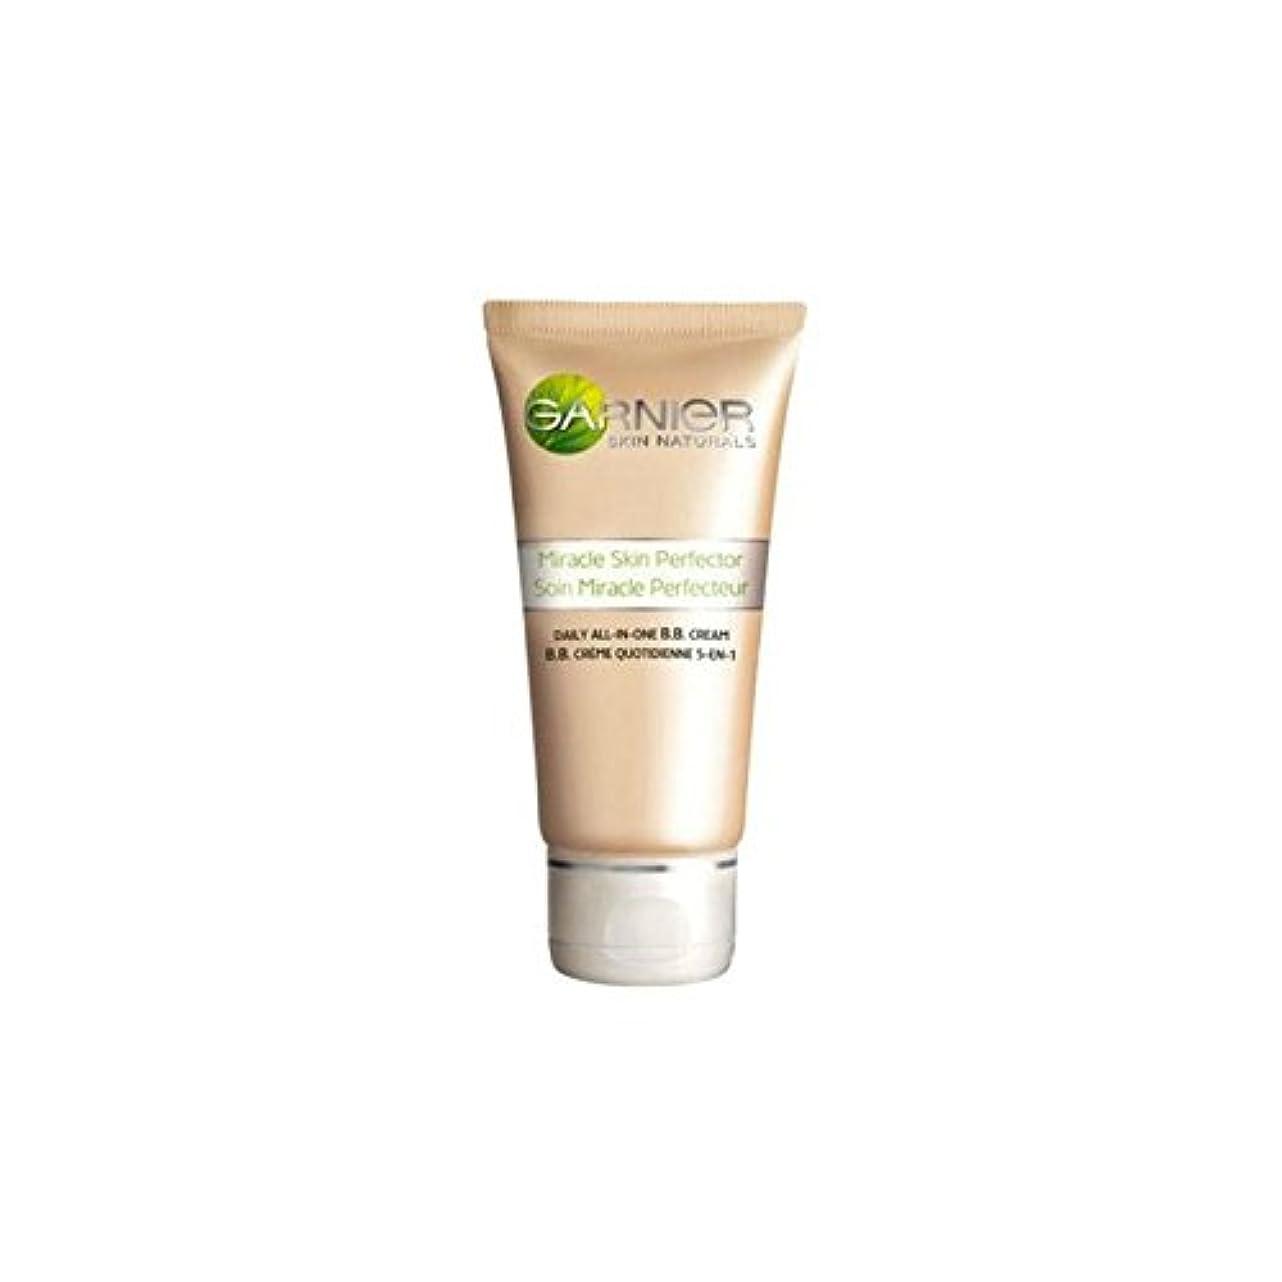 失う独占アボートGarnier Original Medium Bb Cream (50ml) - ガルニエオリジナル媒体クリーム(50)中 [並行輸入品]